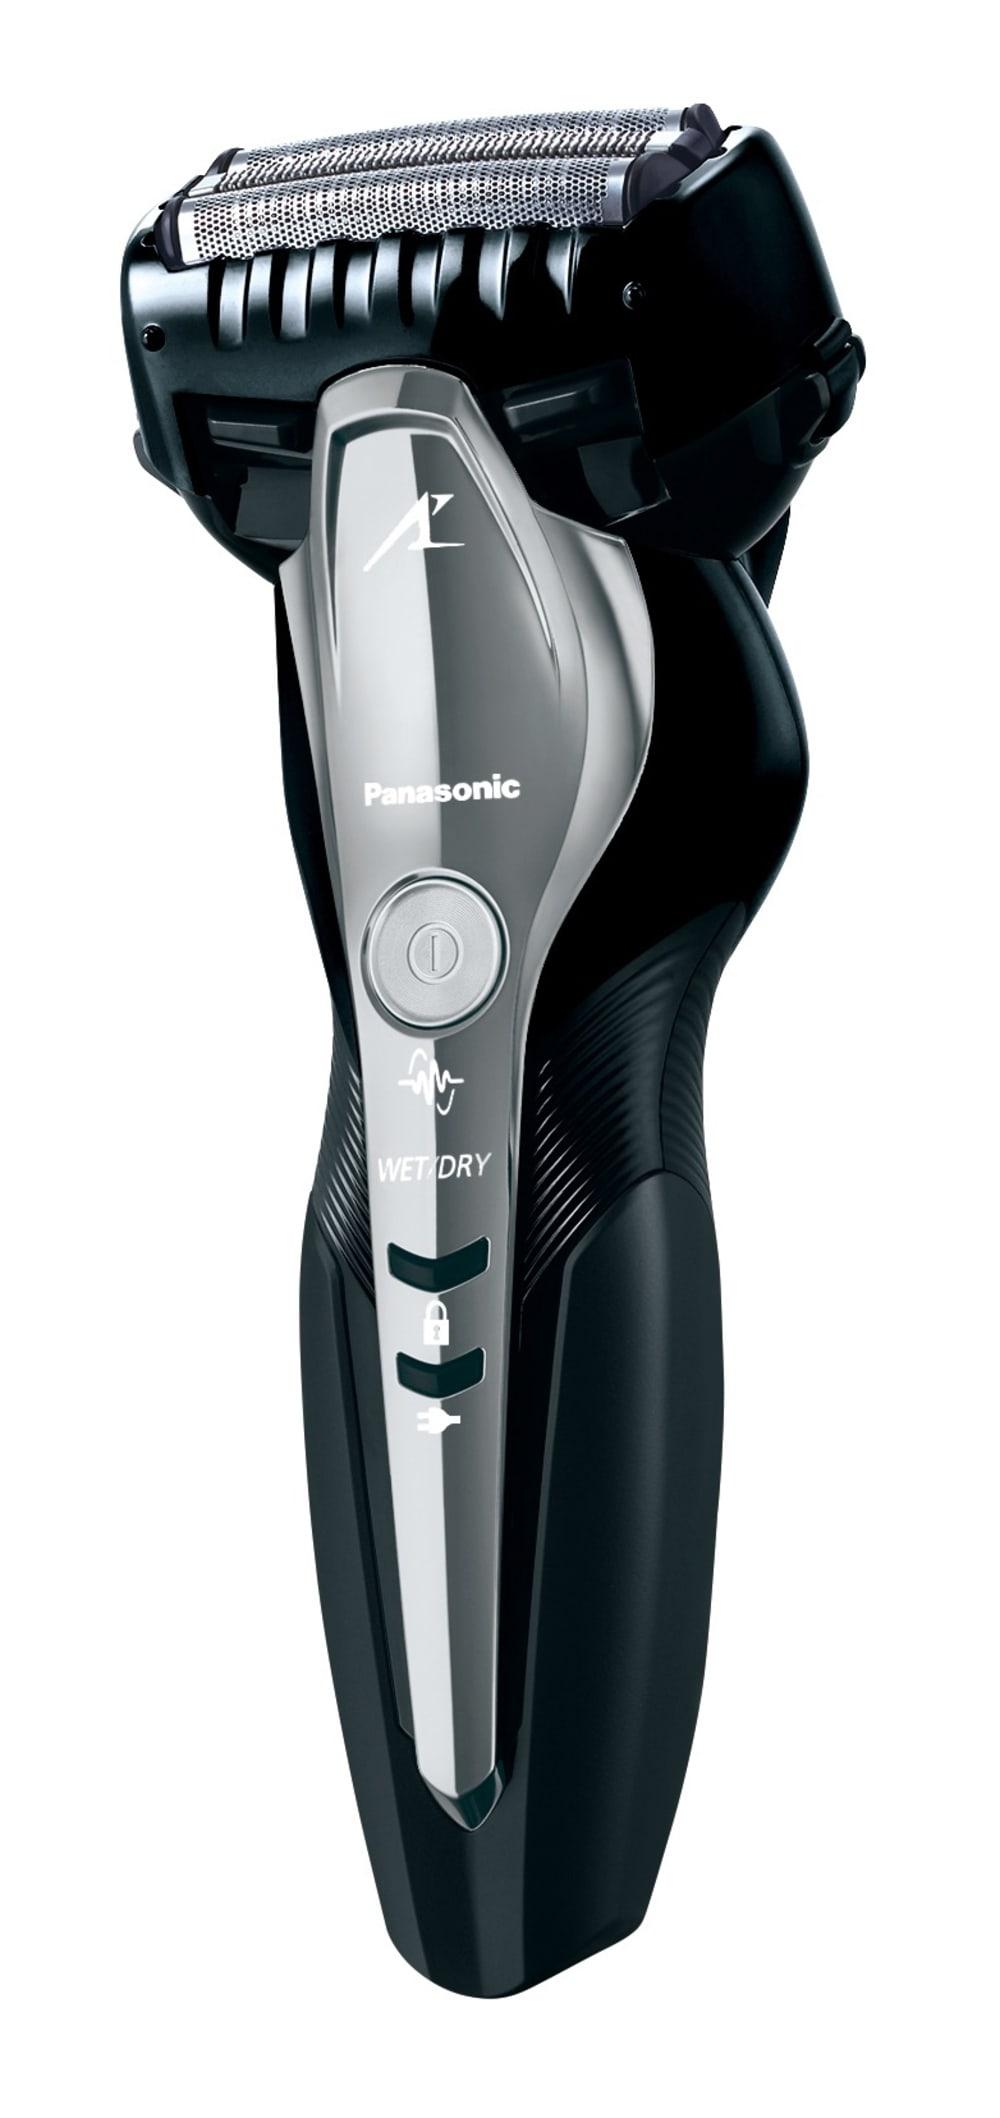 Panasonic Wet & Dry Shaver